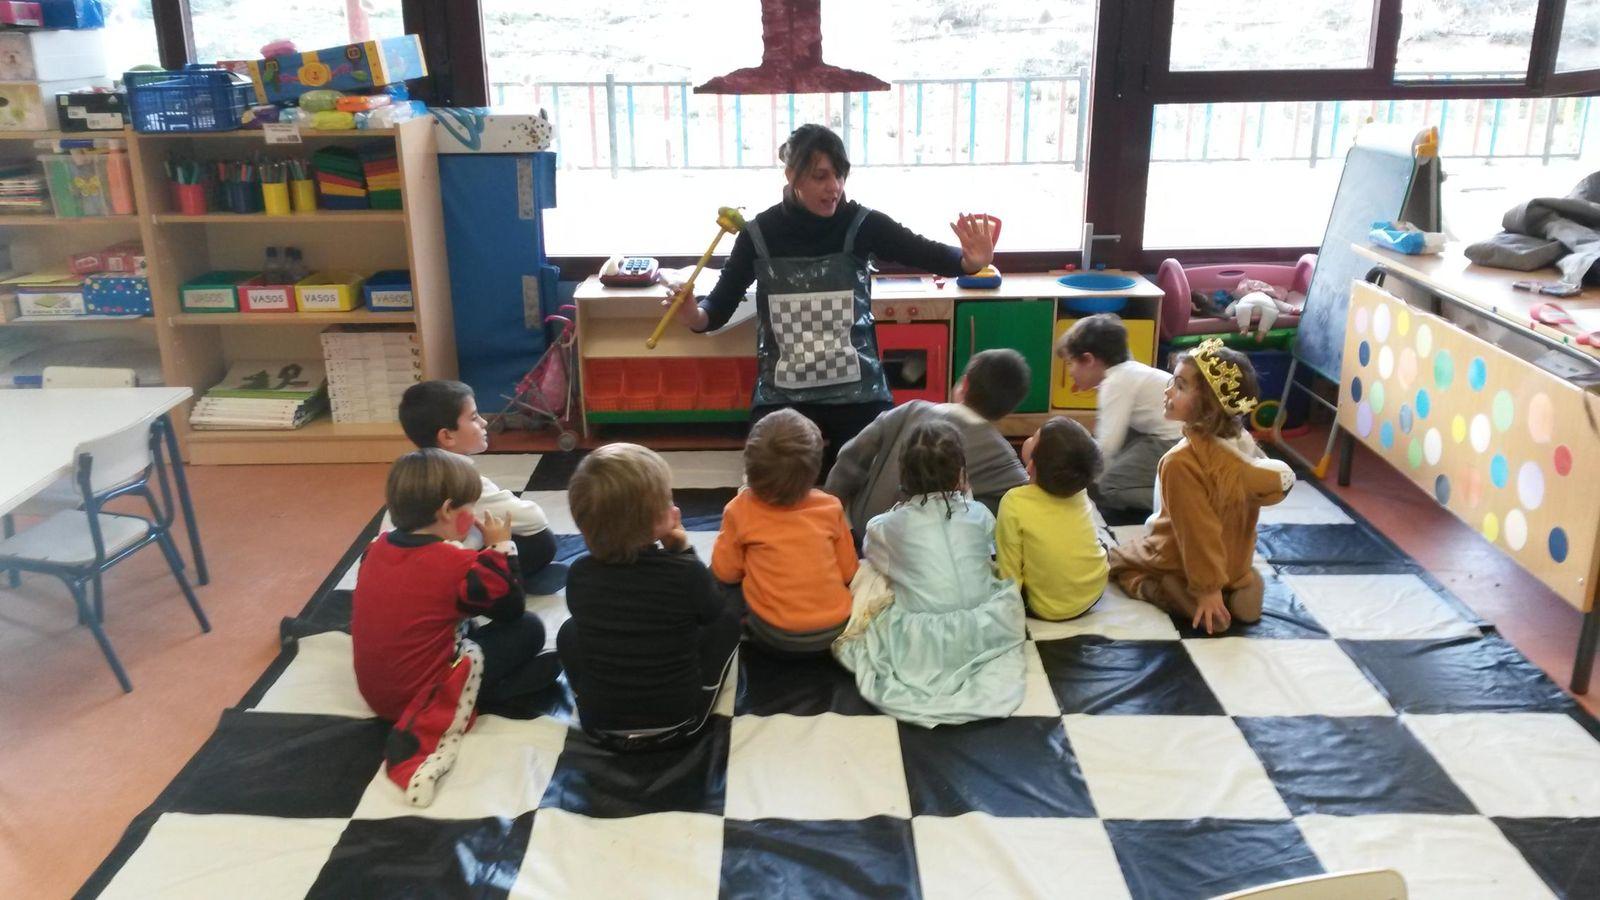 Foto: El ajedrez aporta grandes beneficios a los niños, tal y como ha quedado demostrado en diferentes estudios (FOTOS cedidas por escuelaSTEM.com)